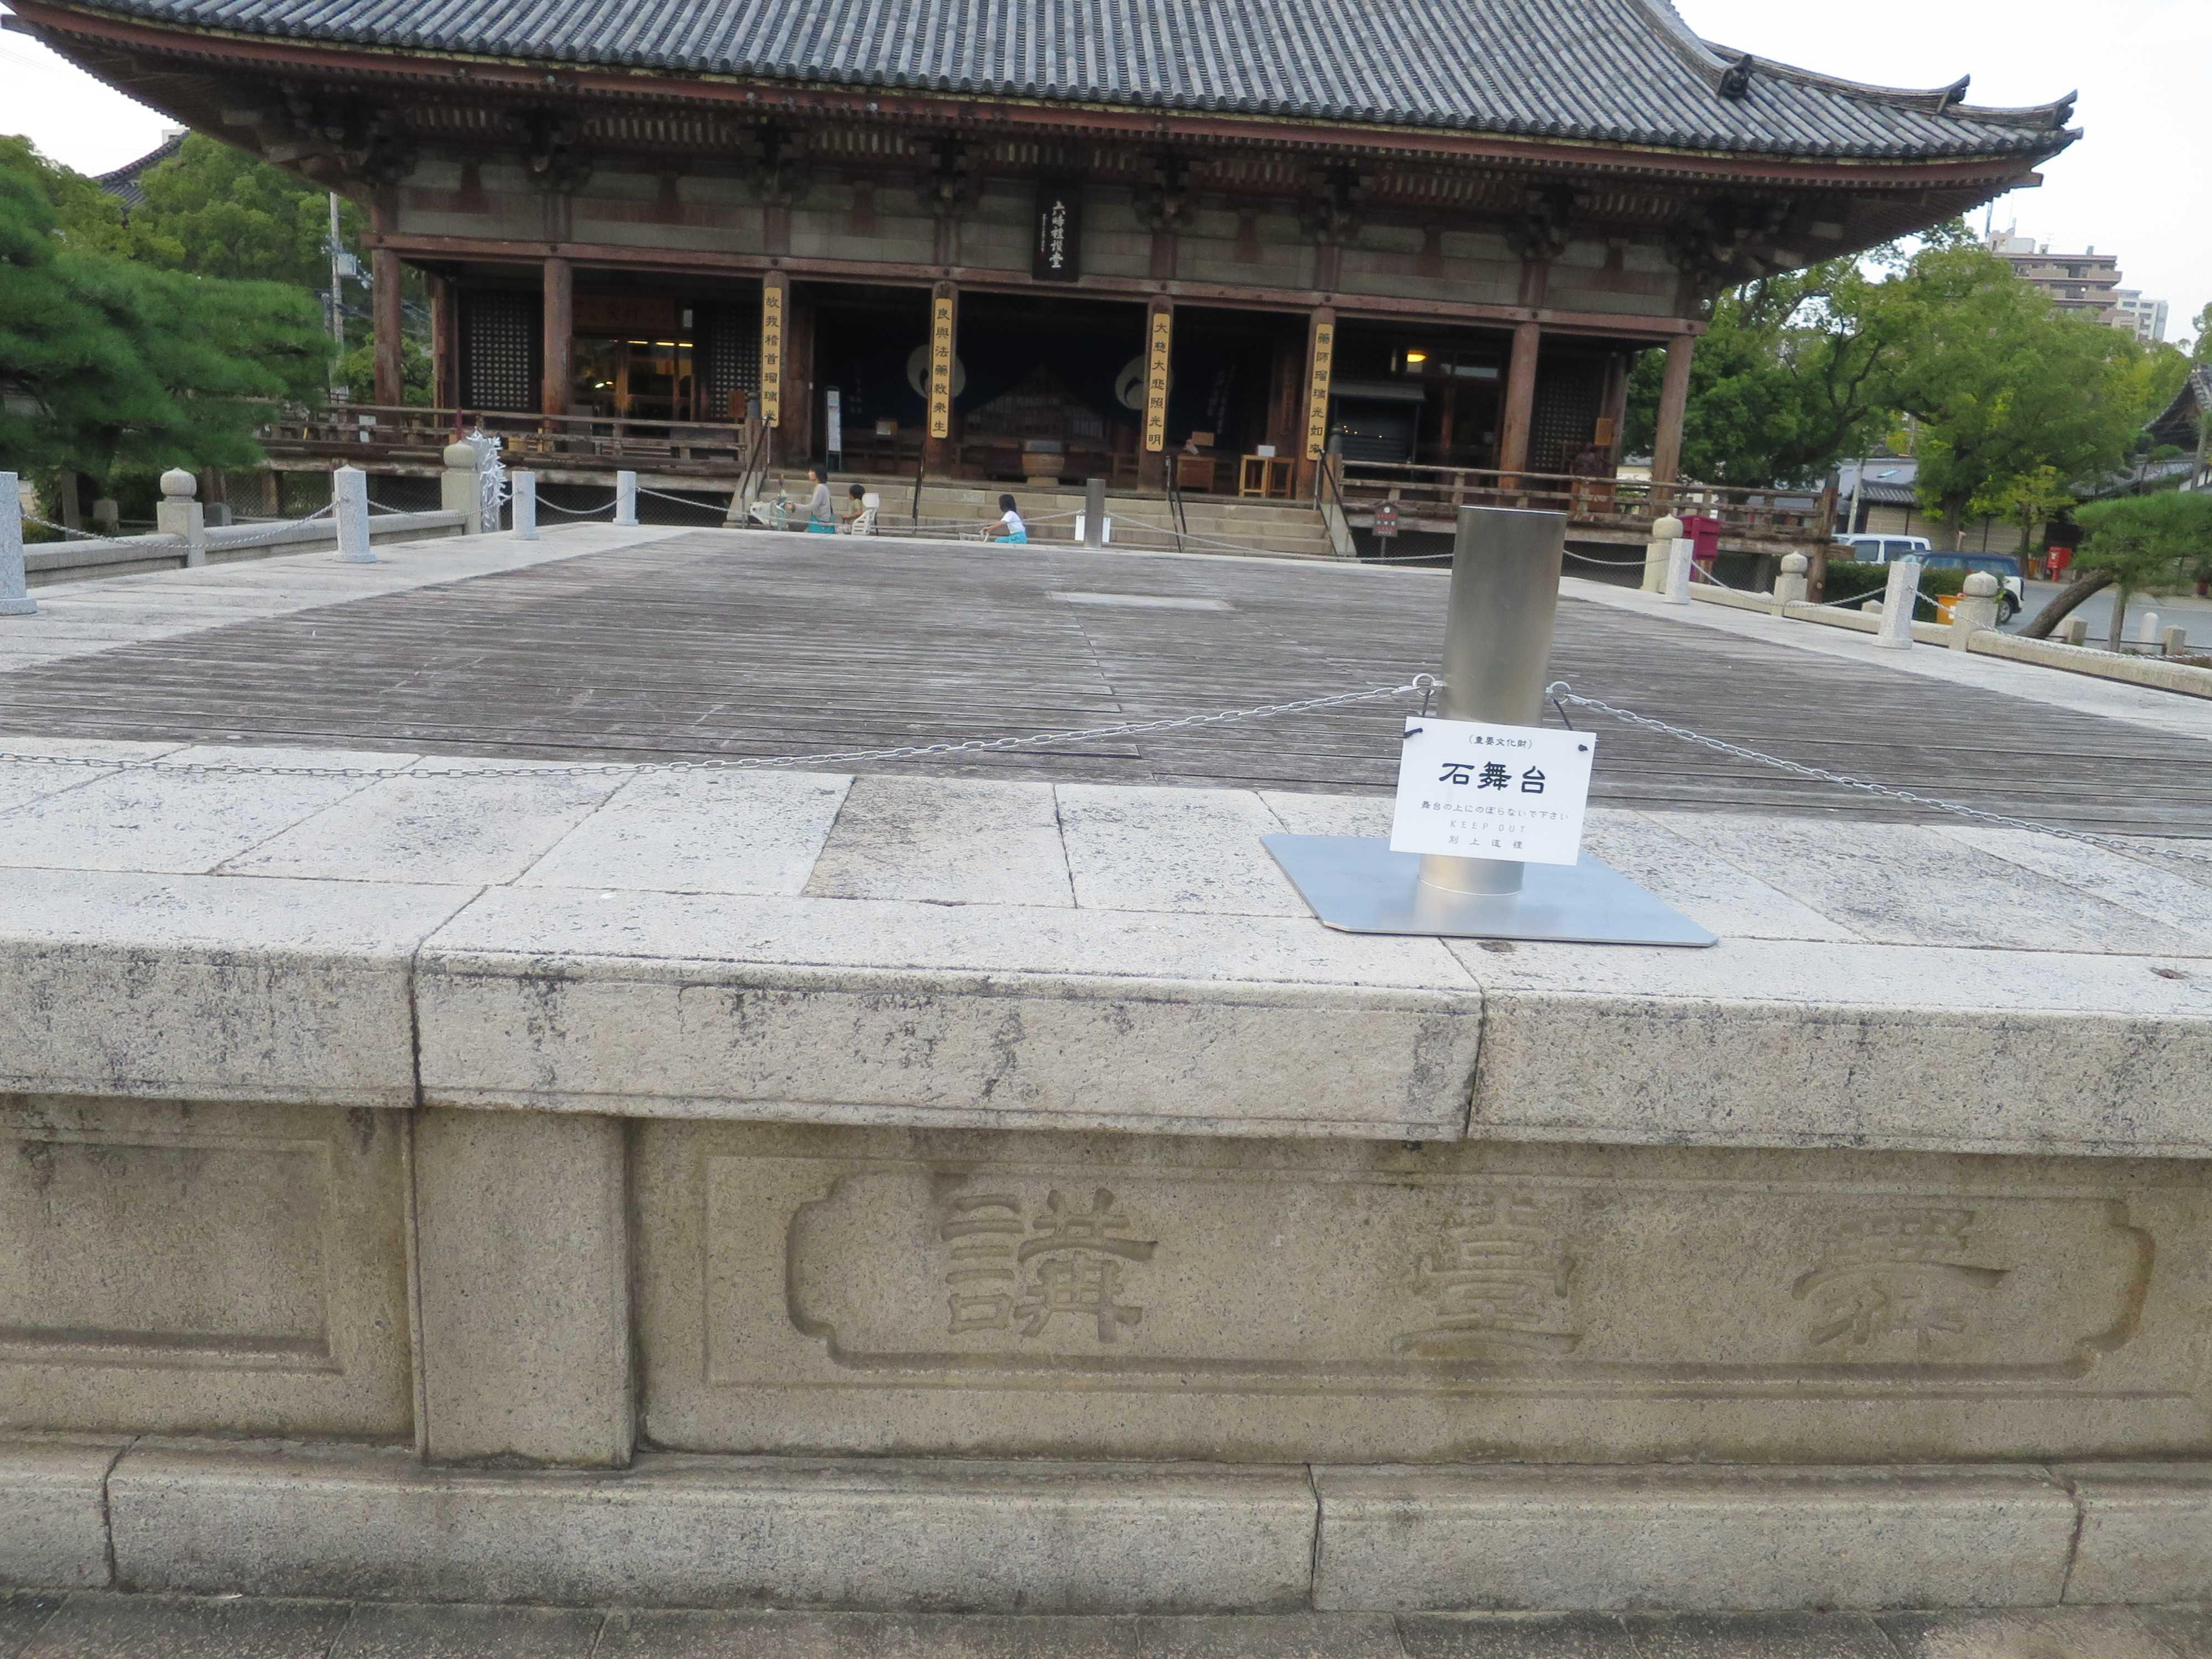 四天王寺 石舞台